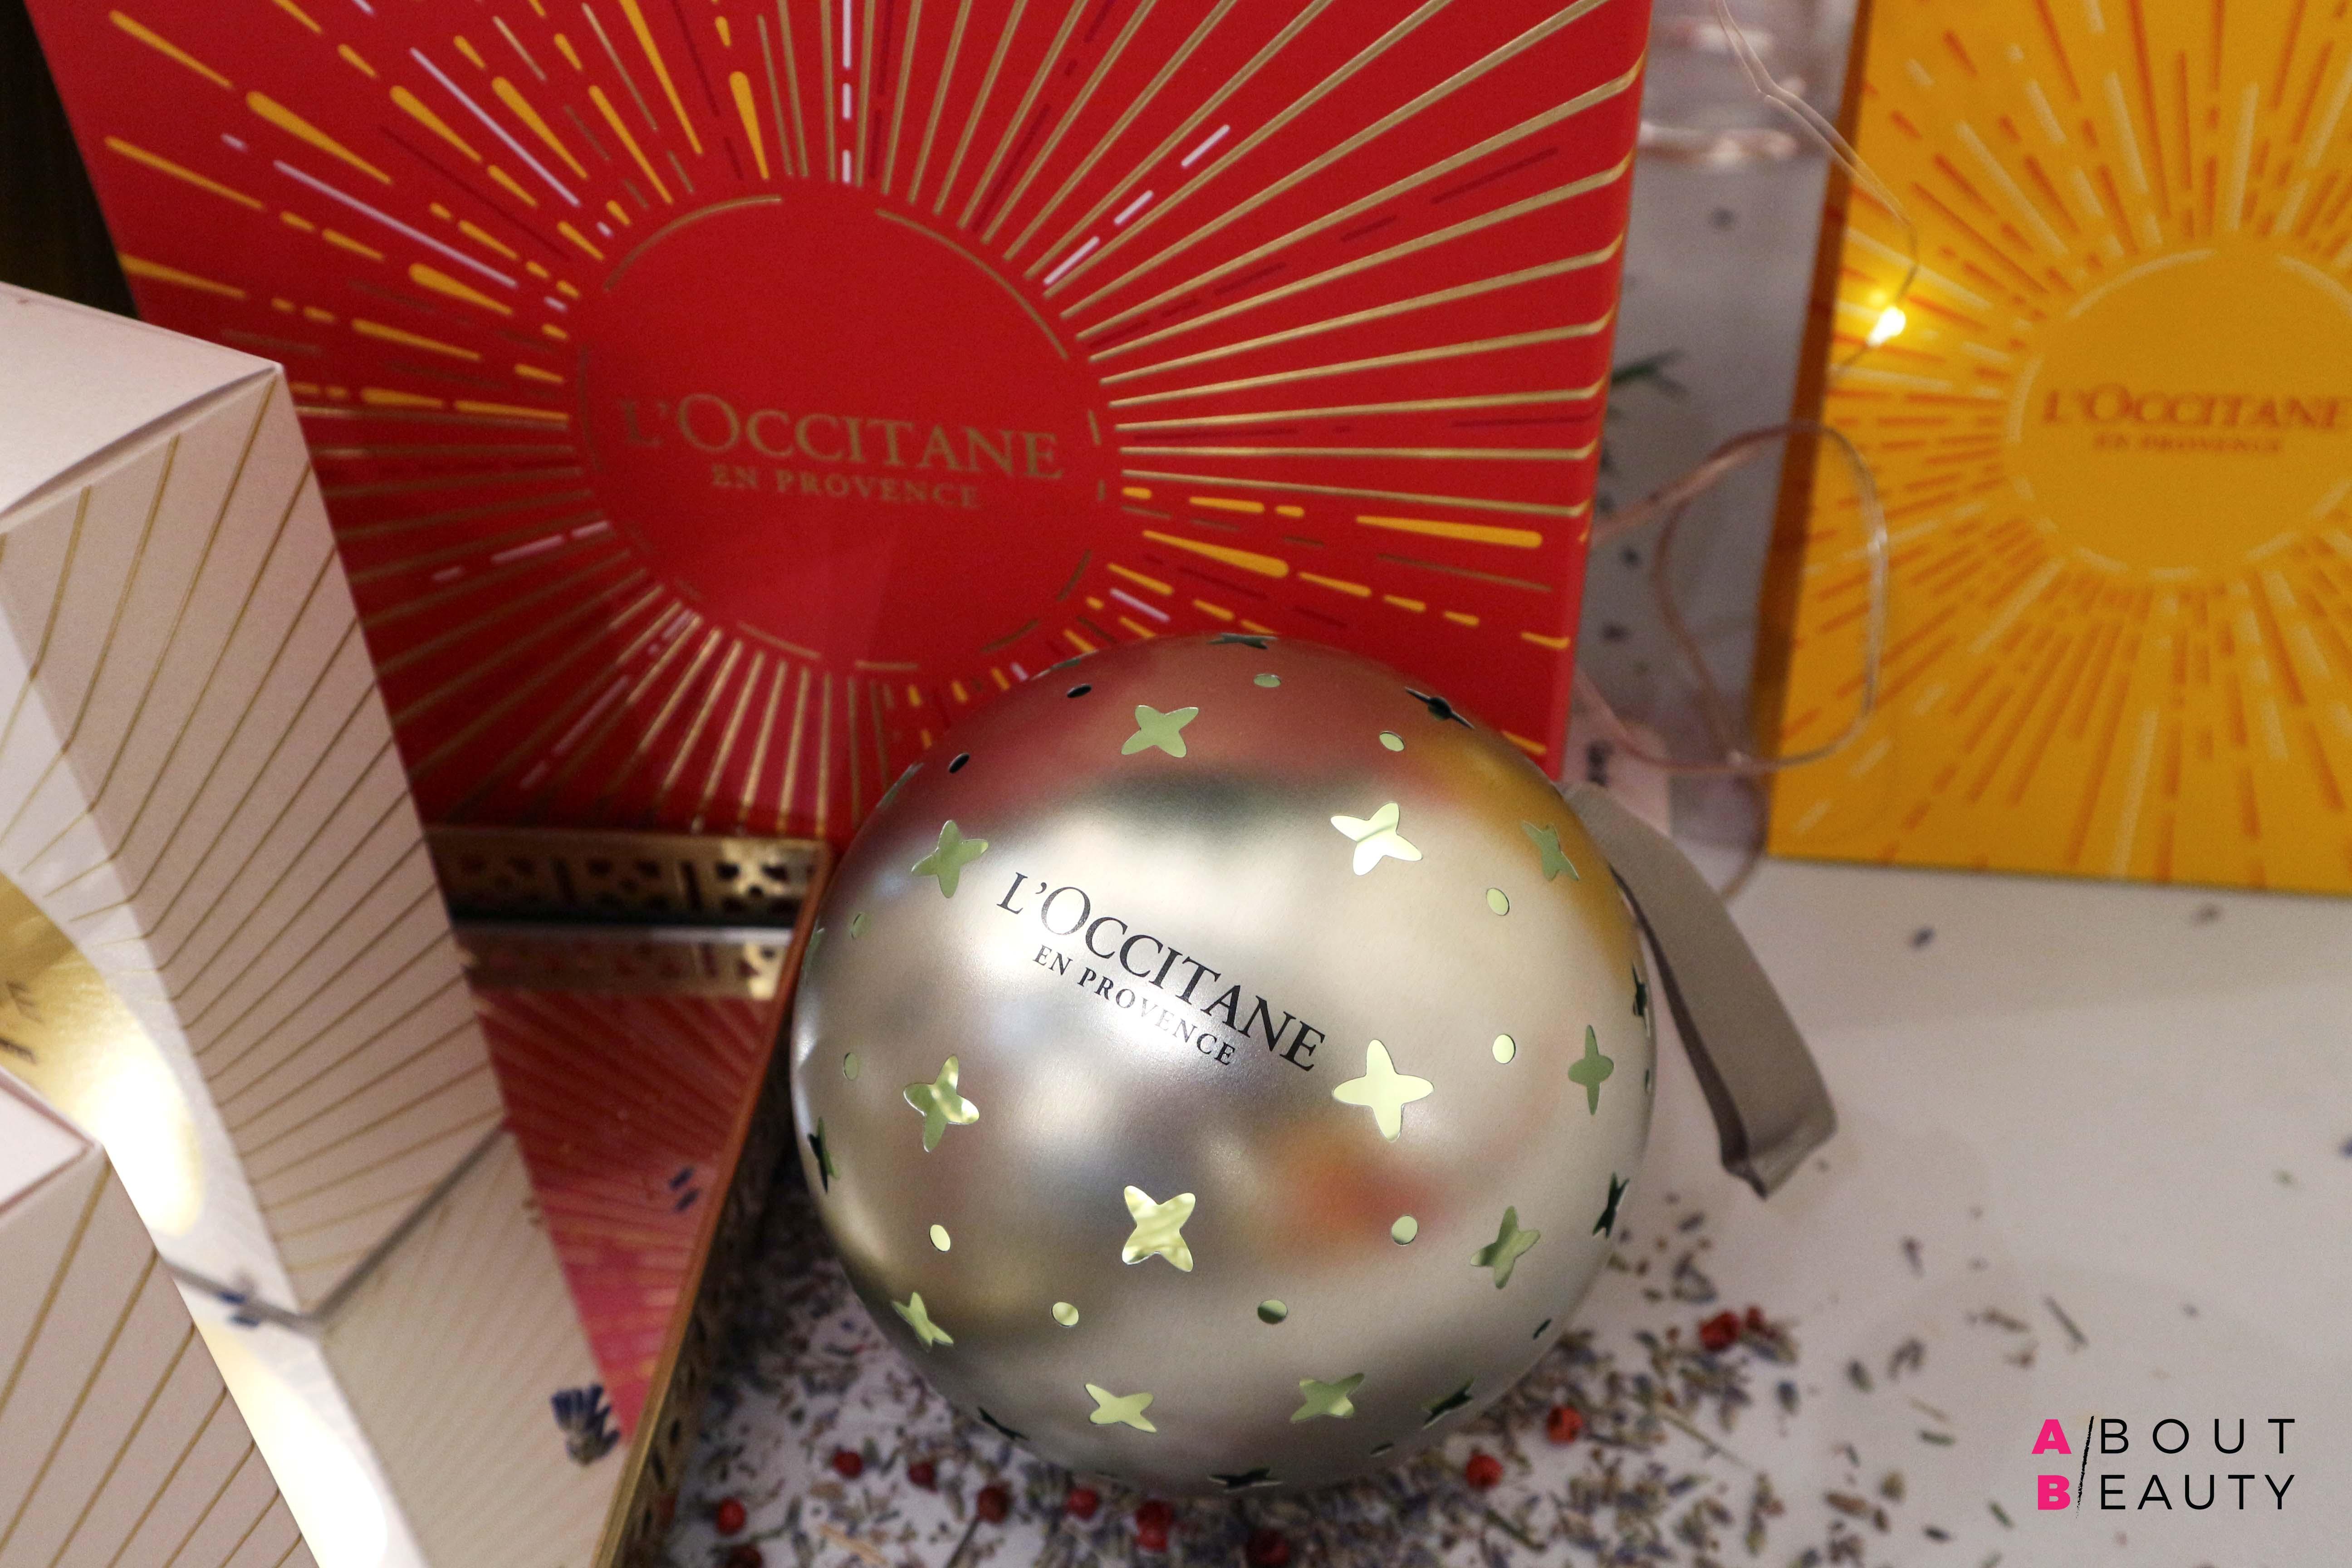 Il Natale L'Occitane 2017: tutte le novità - Cofanetti e confezioni regalo - Info, foto, prezzi